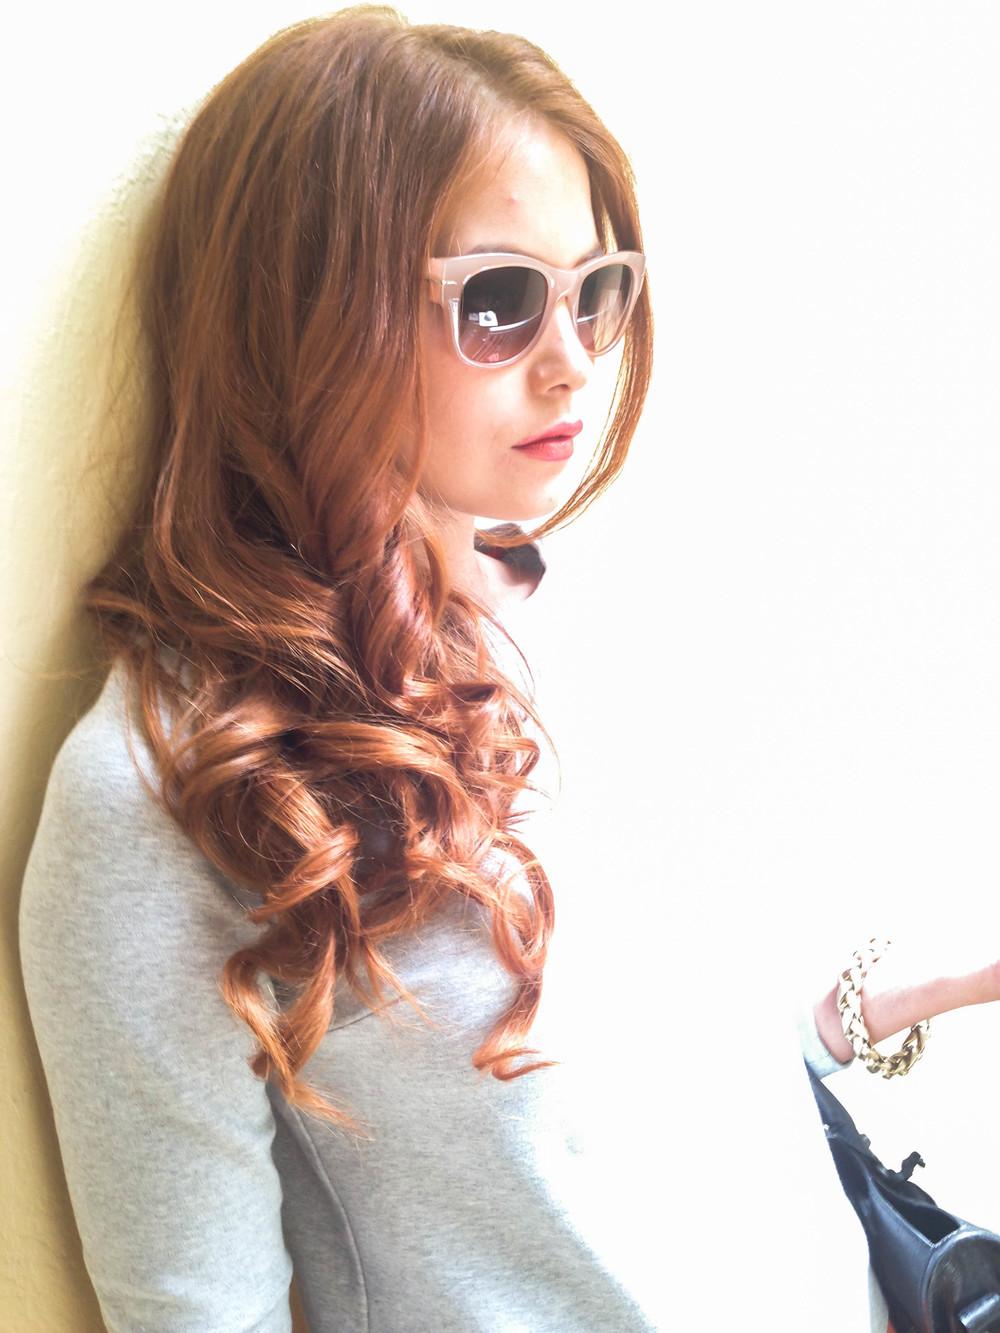 Model: Nicole Whittaker